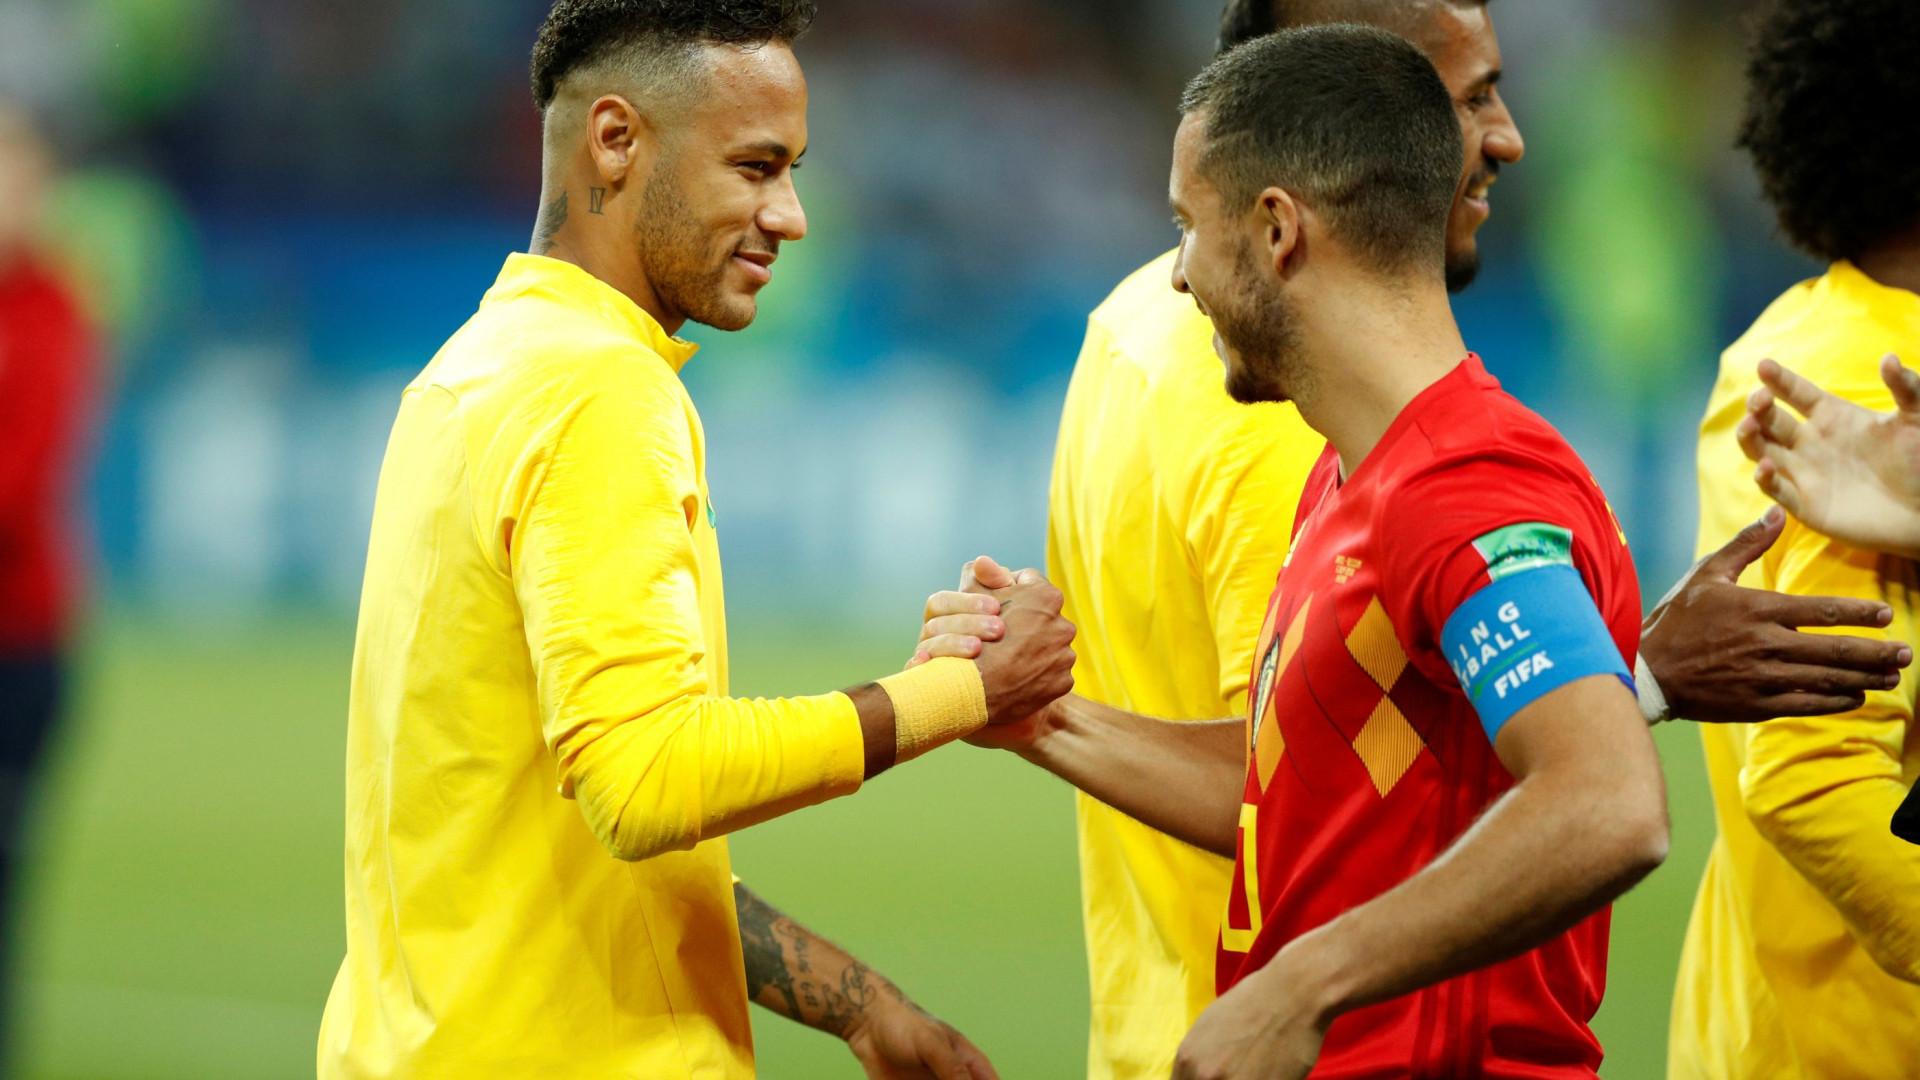 Quem é o melhor? Hazard escolhe entre Neymar, Messi e Ronaldo